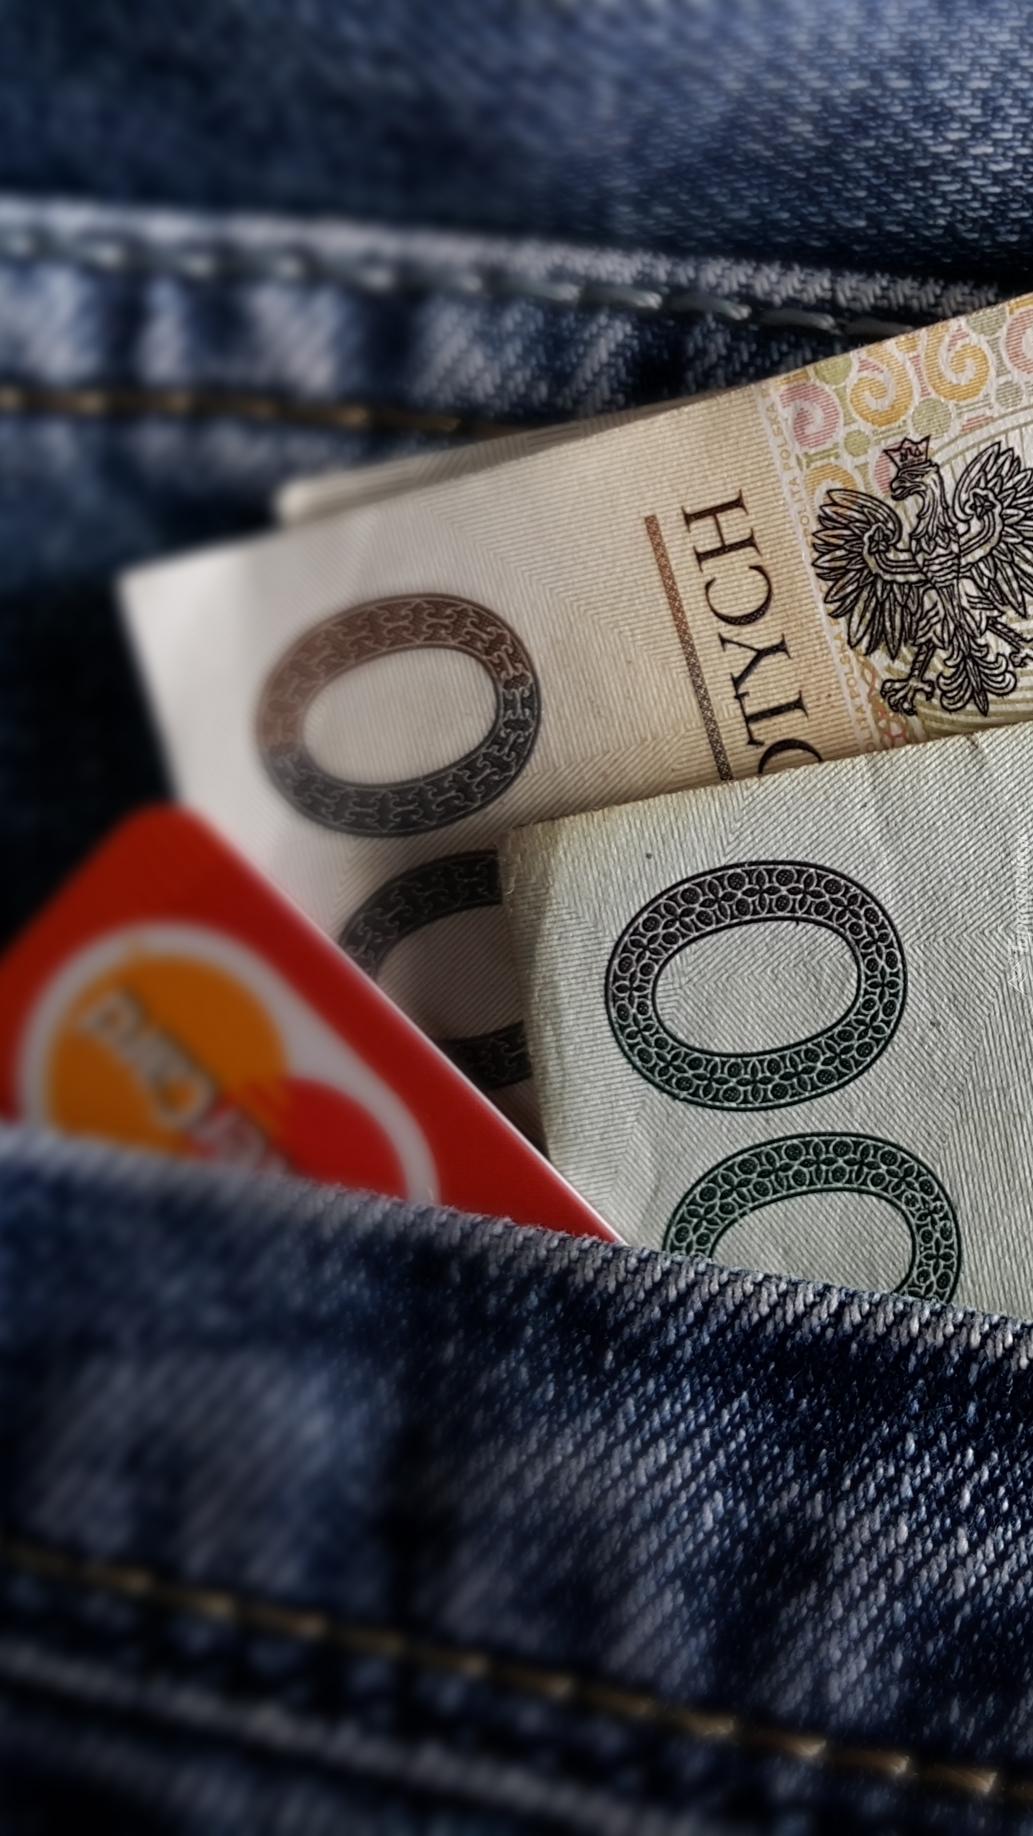 Pieniądze i karta w  kieszeni